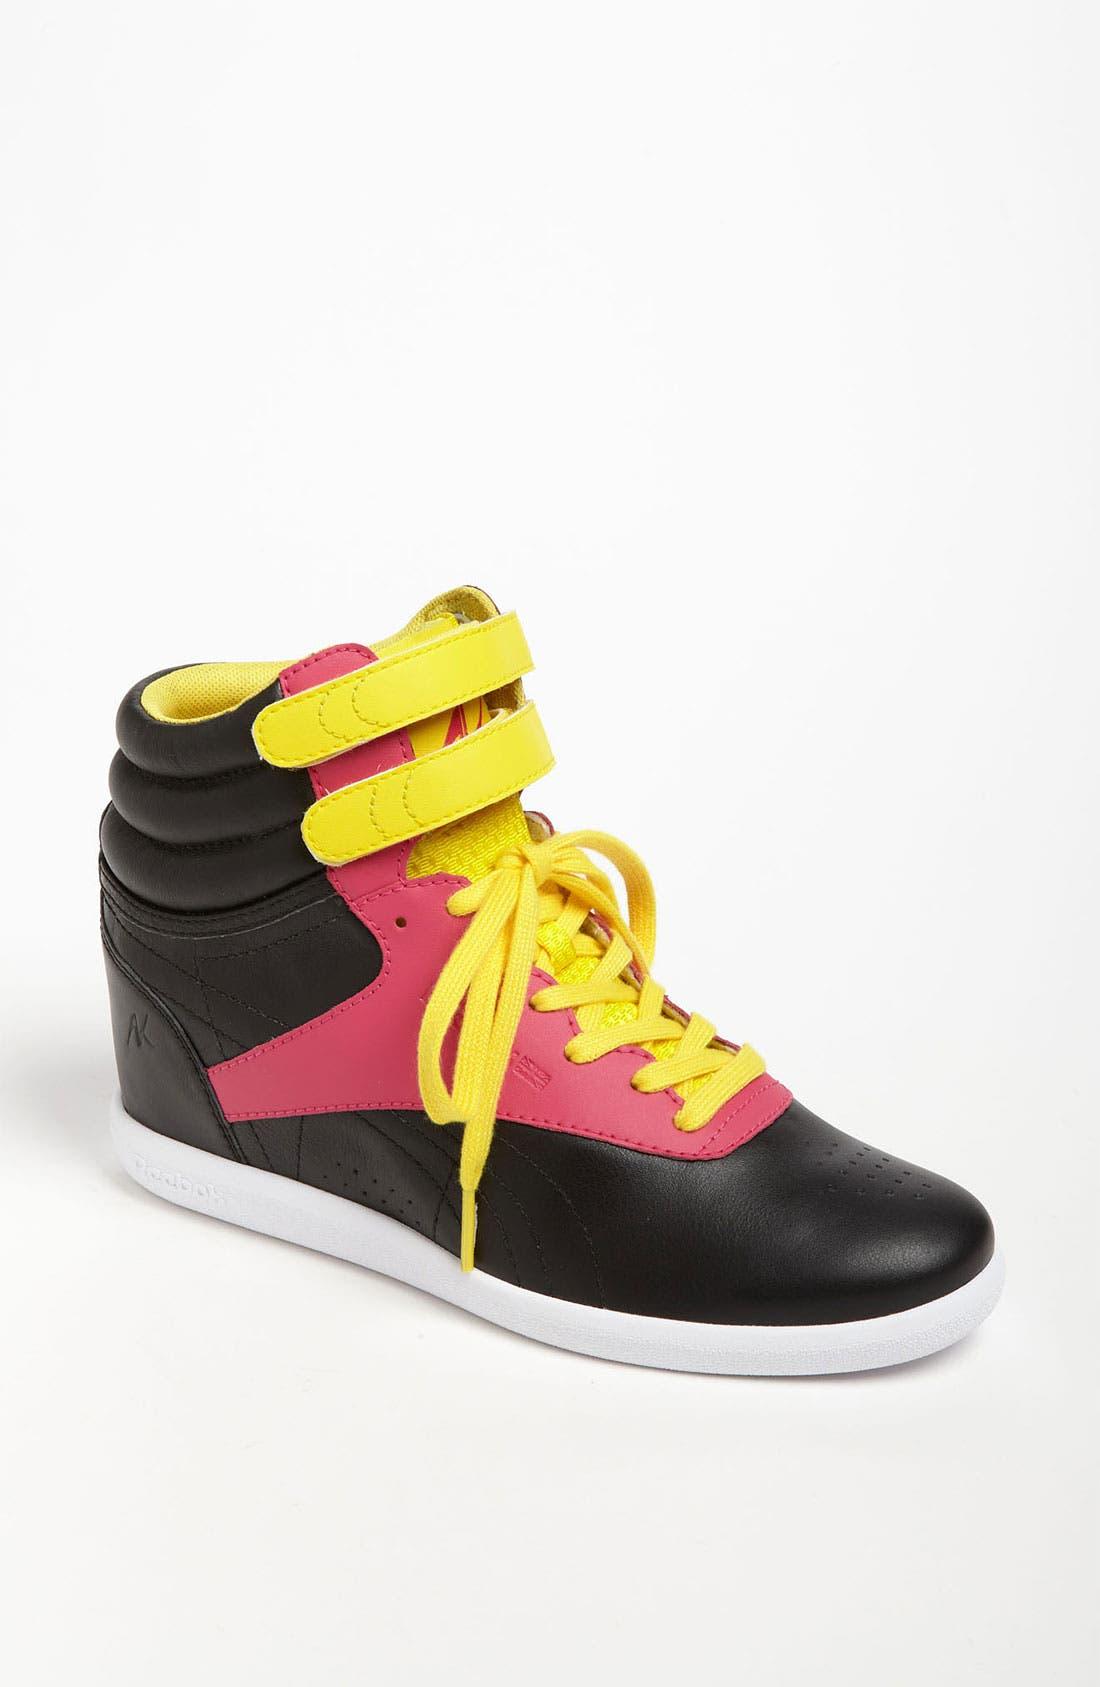 Main Image - Reebok 'Freestyle Hi Wedge A. Keys' Sneaker (Women)